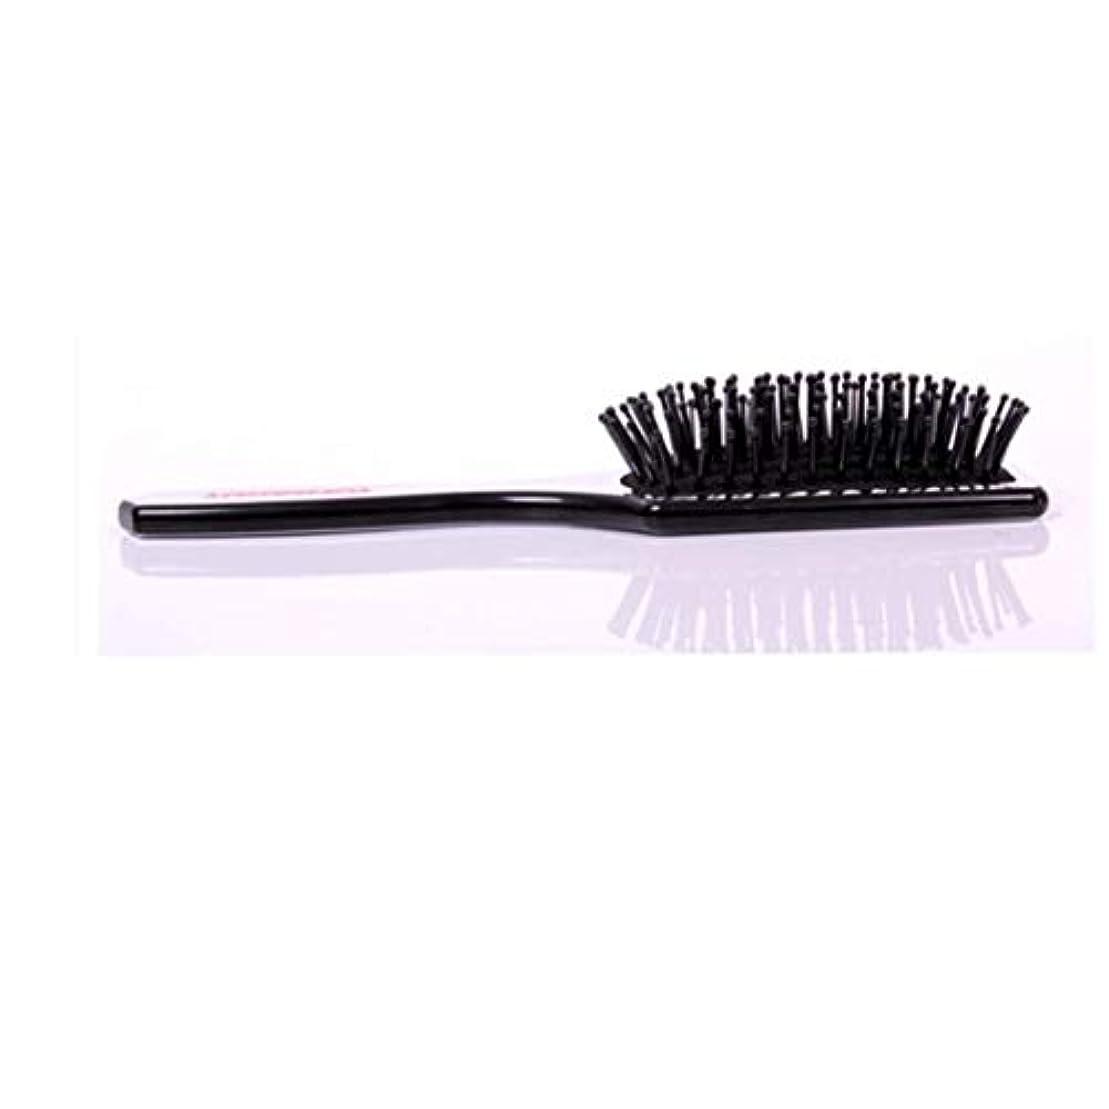 私たち白内障コンテストFashianヘアブラシマッサージ髪の毛と頭皮の熱と耐久性のある帯電防止スタイリングくしサイズL/S ヘアケア (サイズ : S)